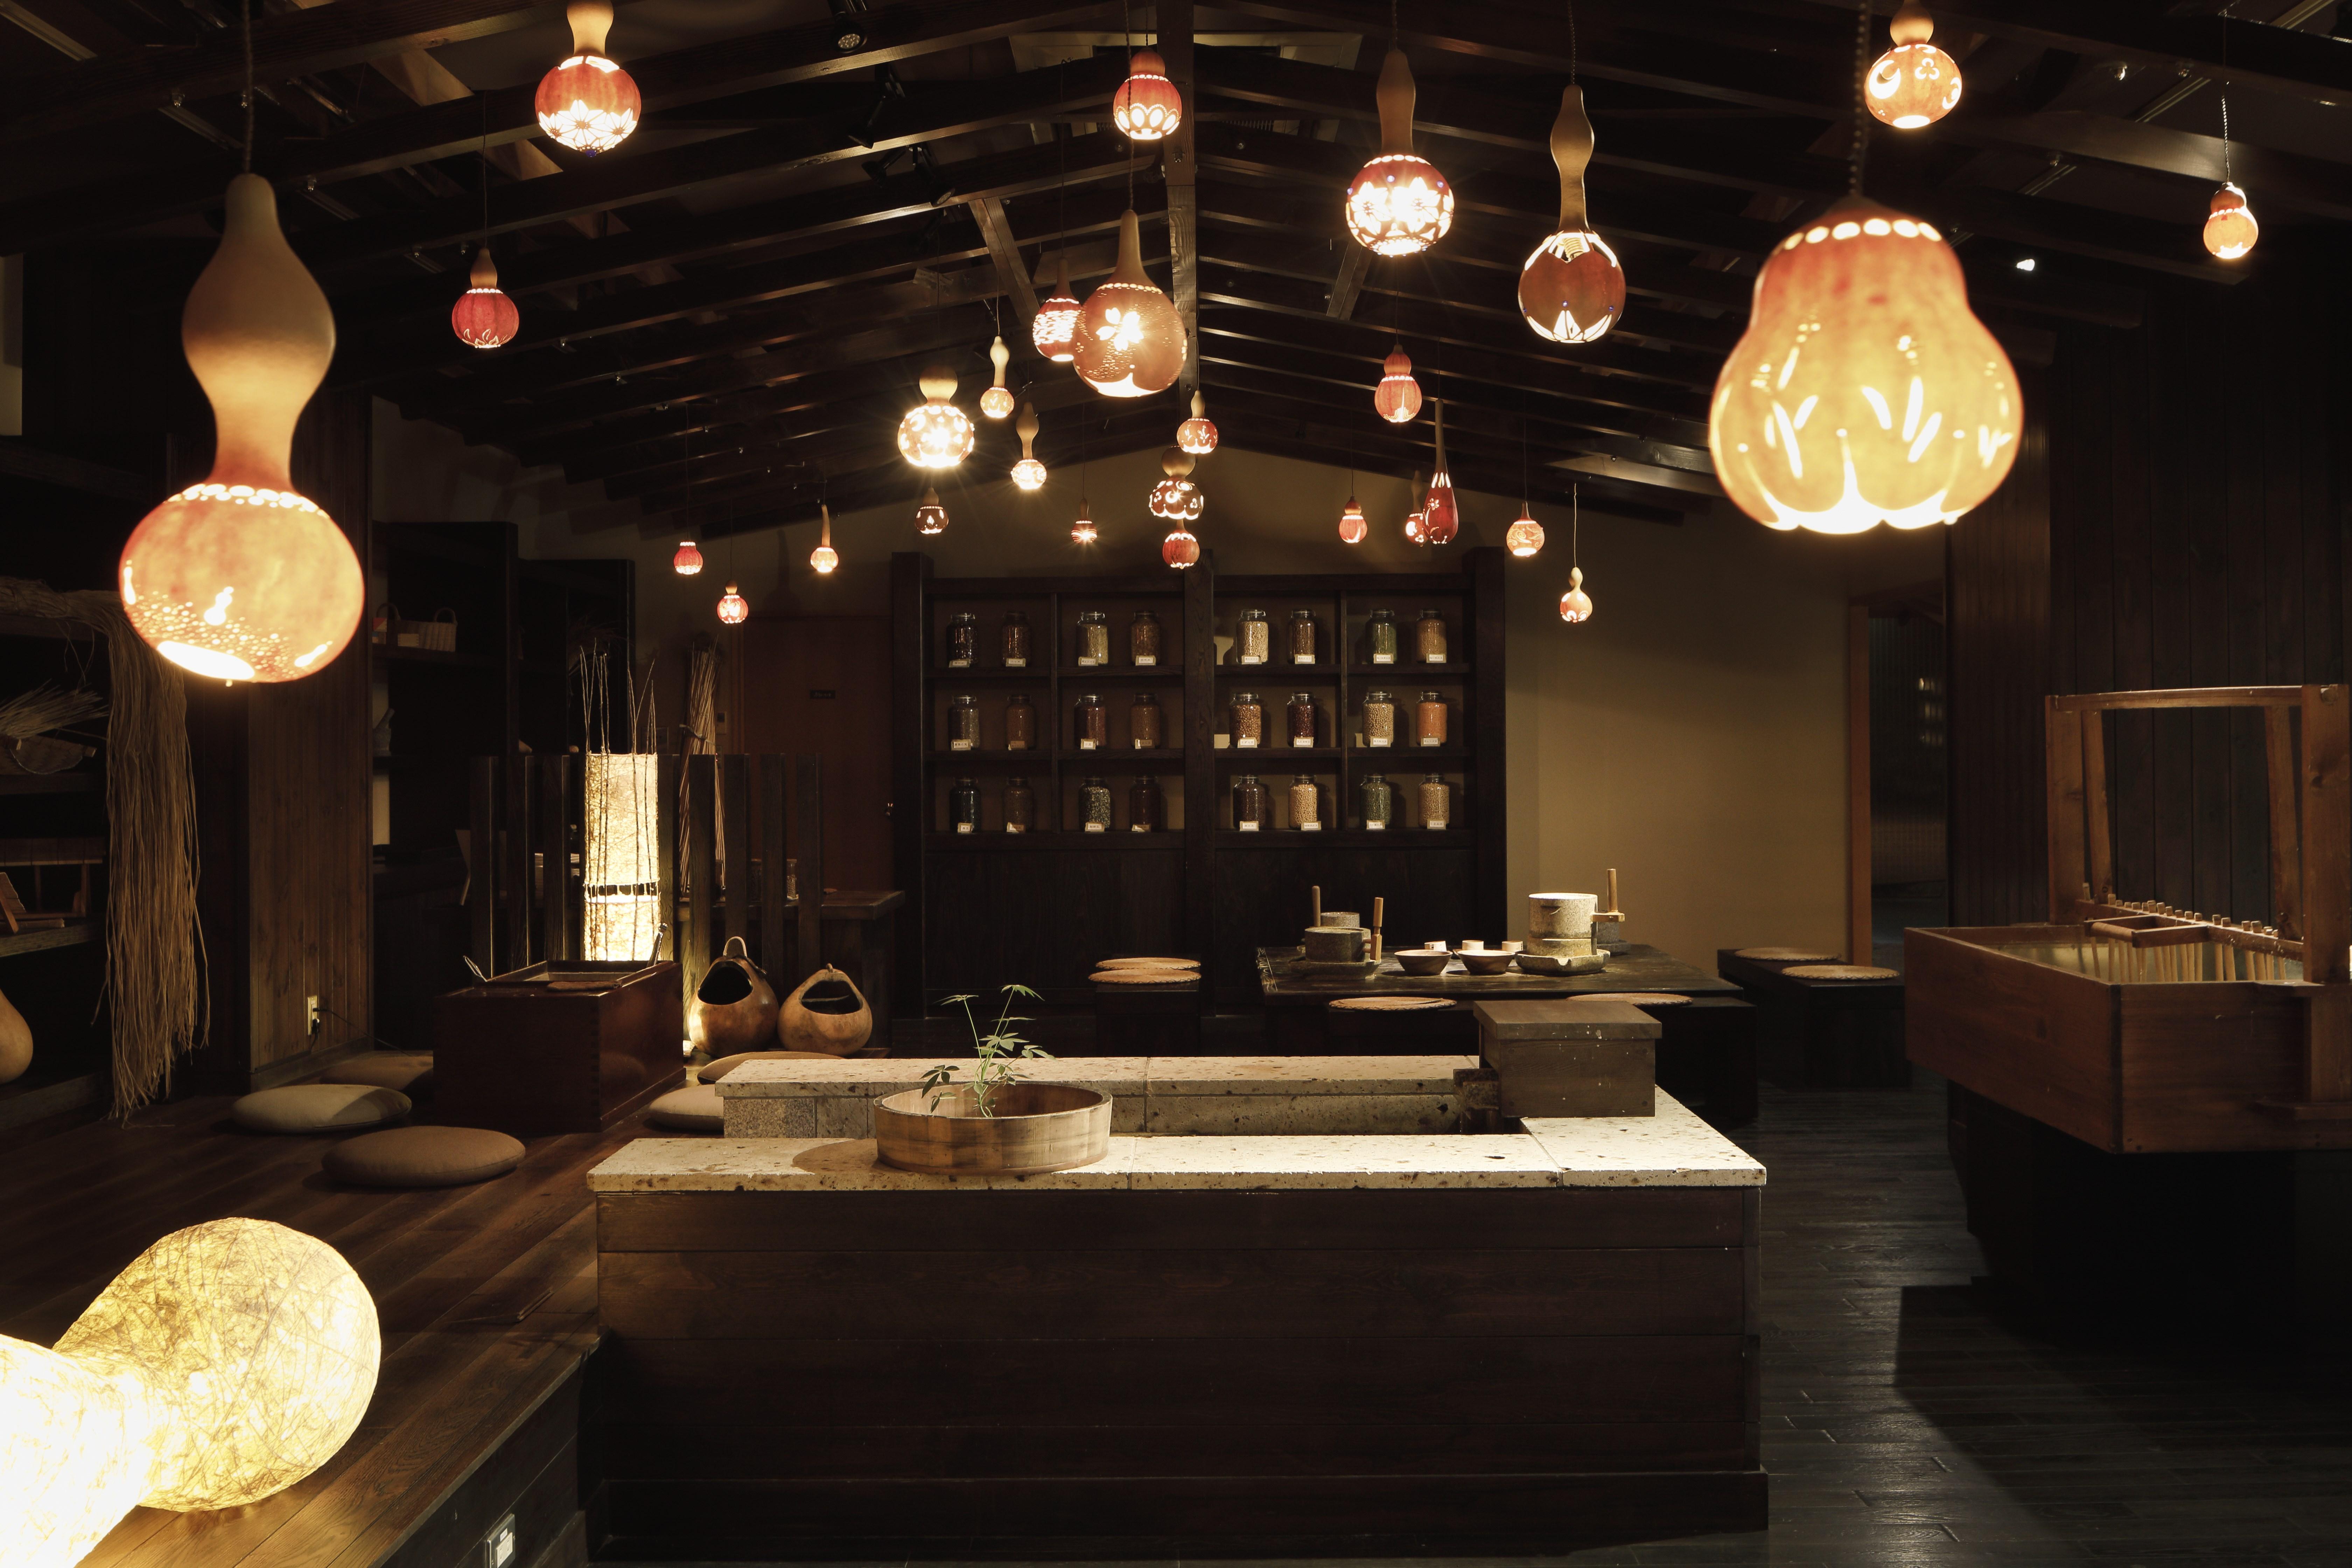 「里山工房」では大豆を石臼を挽くきなこ作り(無料)や、和紙の手漉き体験(無料)が楽しめる